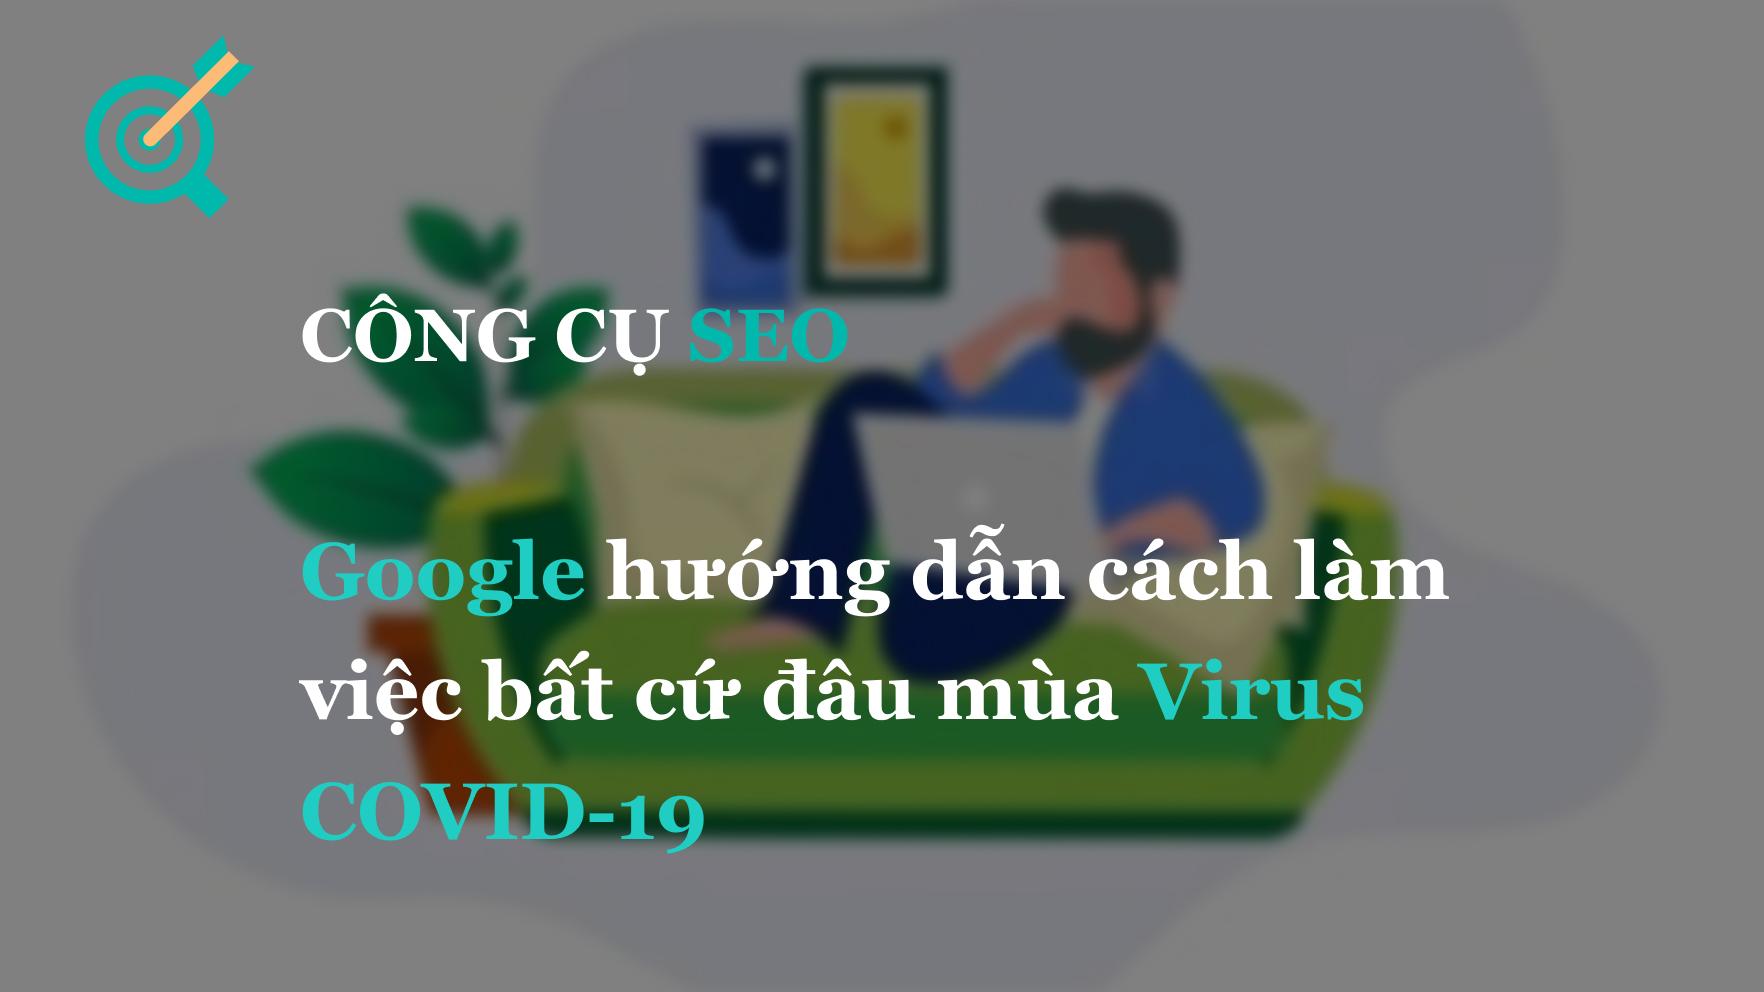 Google hướng dẫn cách làm việc bất cứ đâu mùa Virus COVID-19